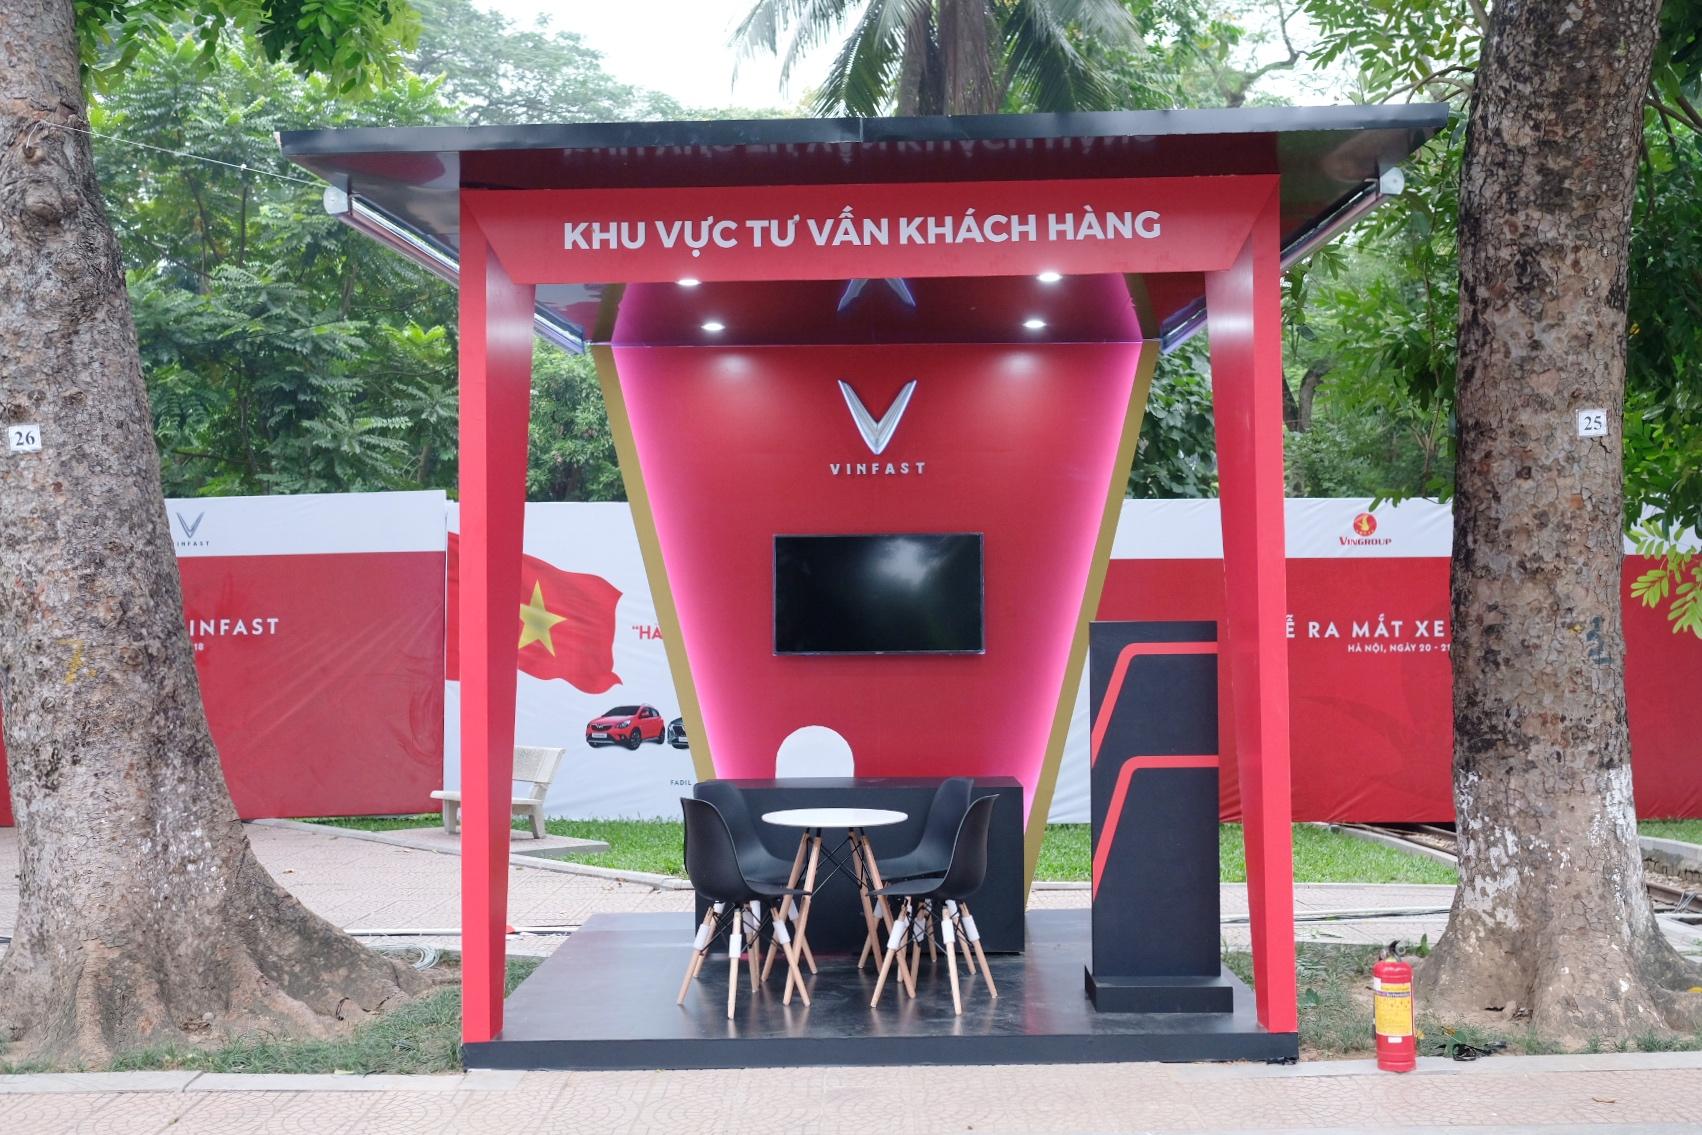 Những hình ảnh mới nhất của ô tô Vinfast chuẩn bị lễ ra mắt tại Hà Nội 12